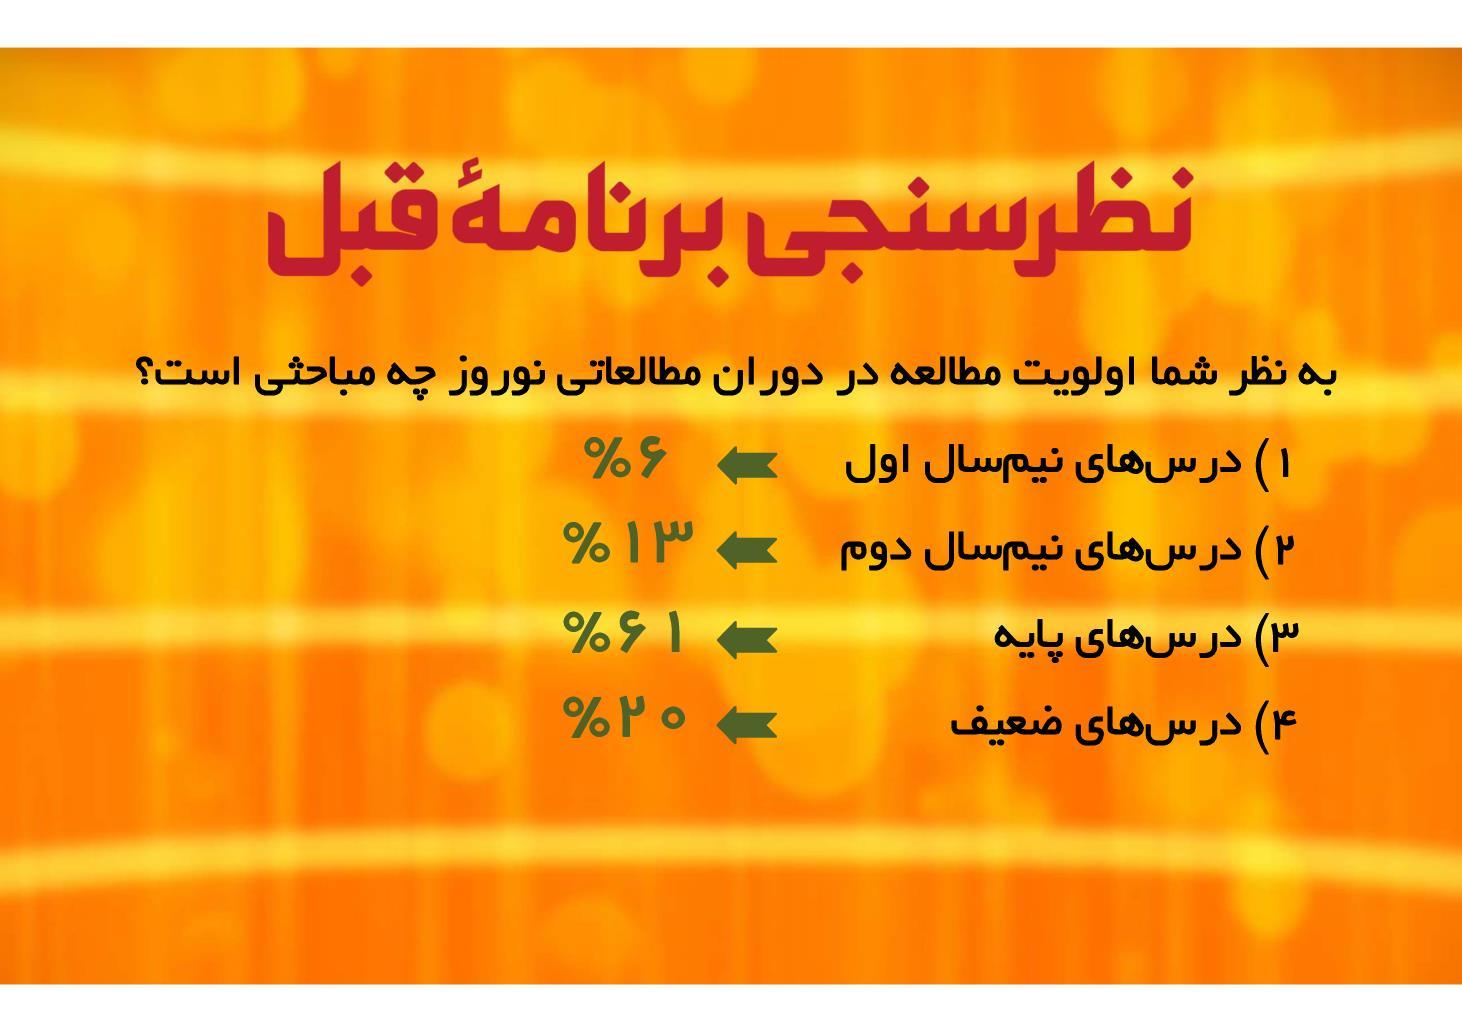 گزینه جوان / 7 اردیبهشت : جمع بندی در خرداد و تیر (PDF)